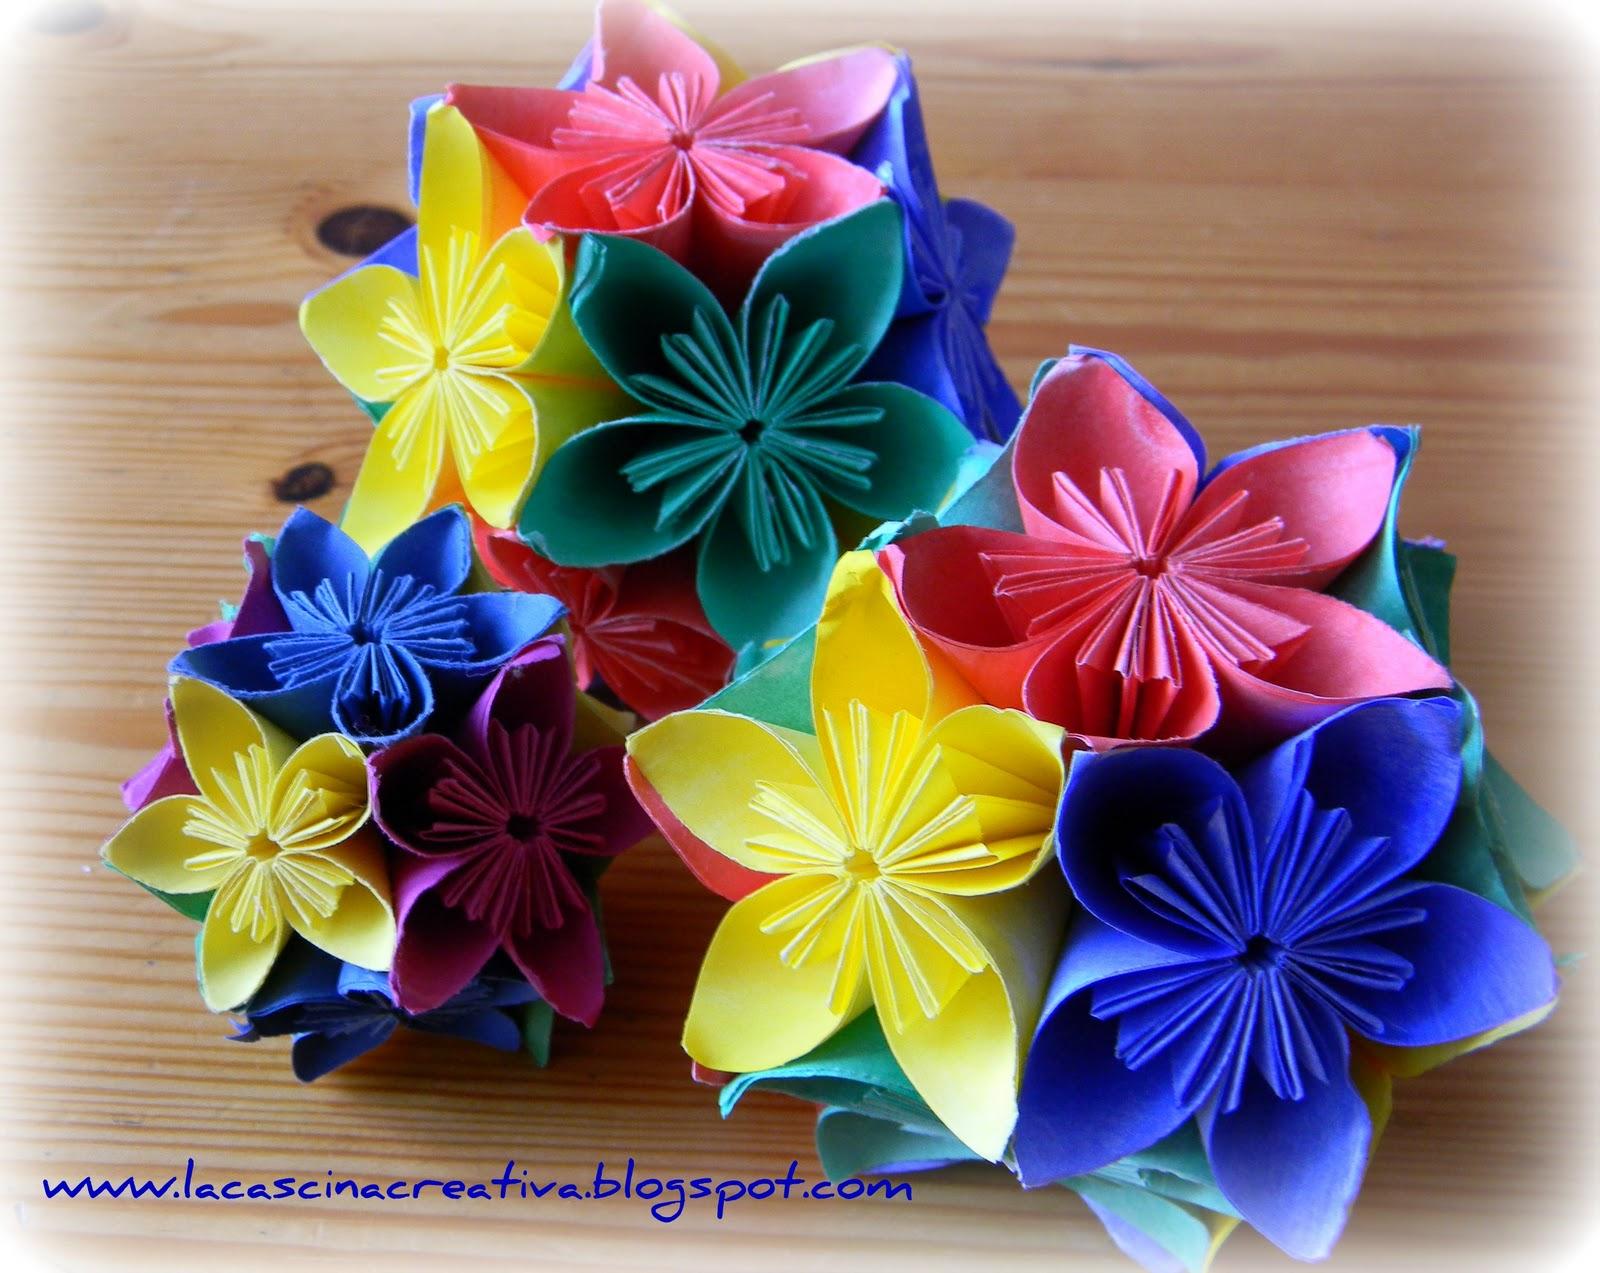 Fiori Kusudama.La Cascina Creativa Fiori E Origami Il Kusudama